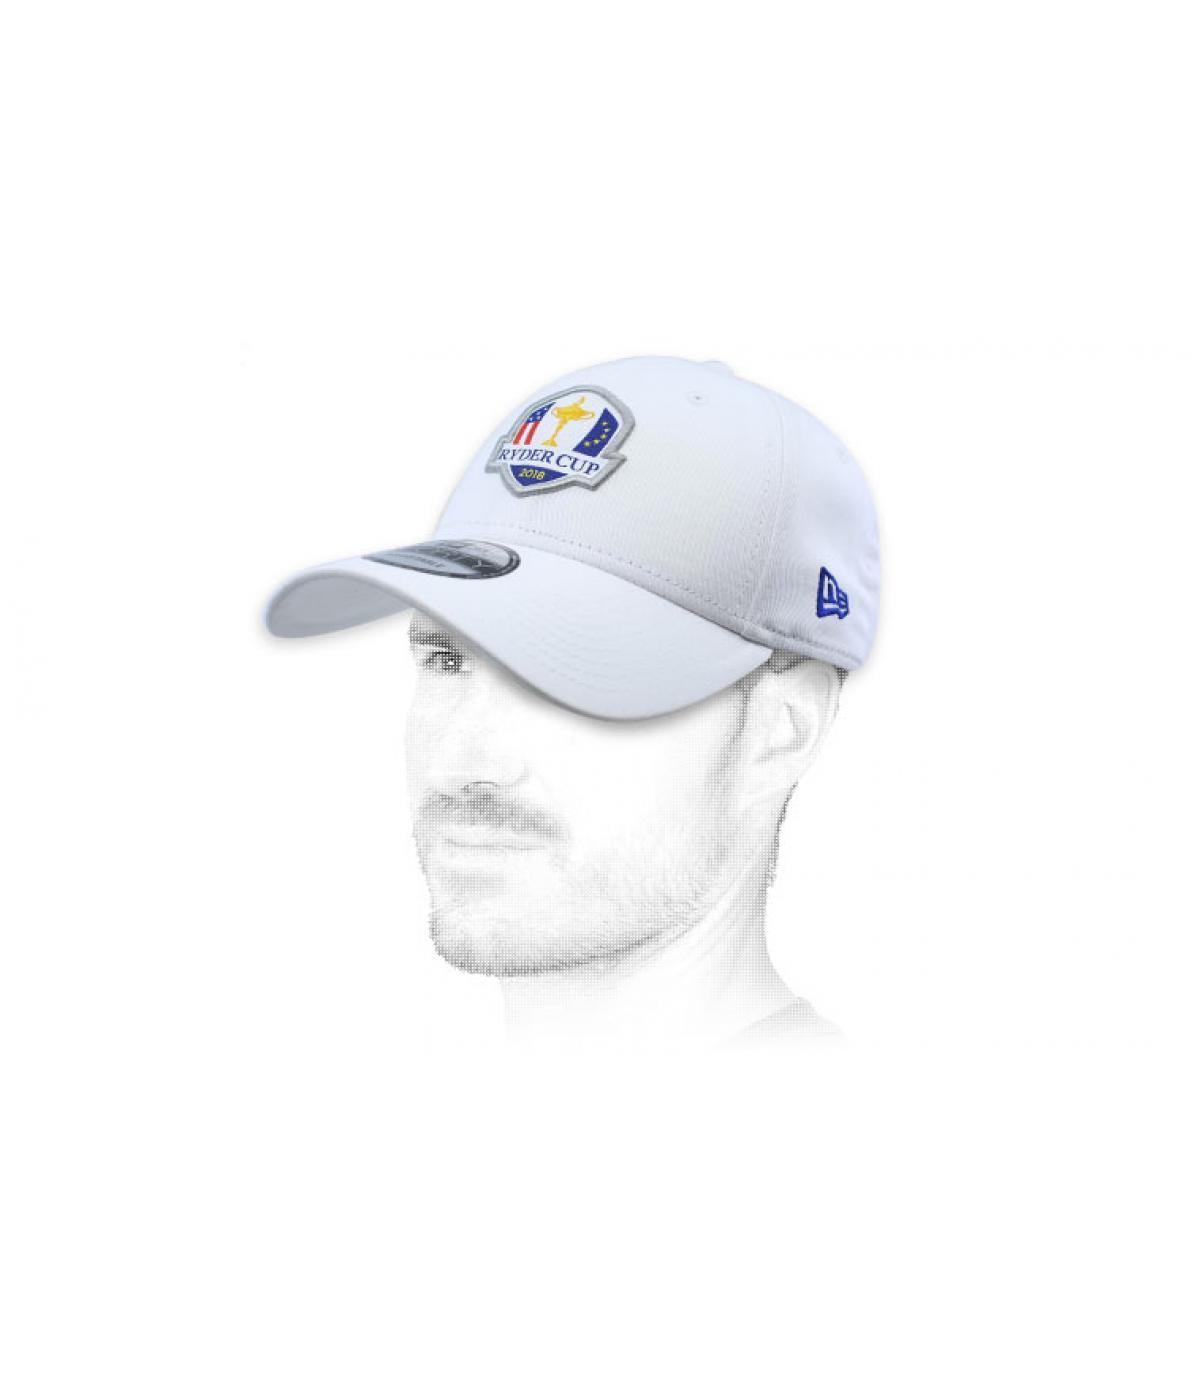 golfkap Ryder Cup wit